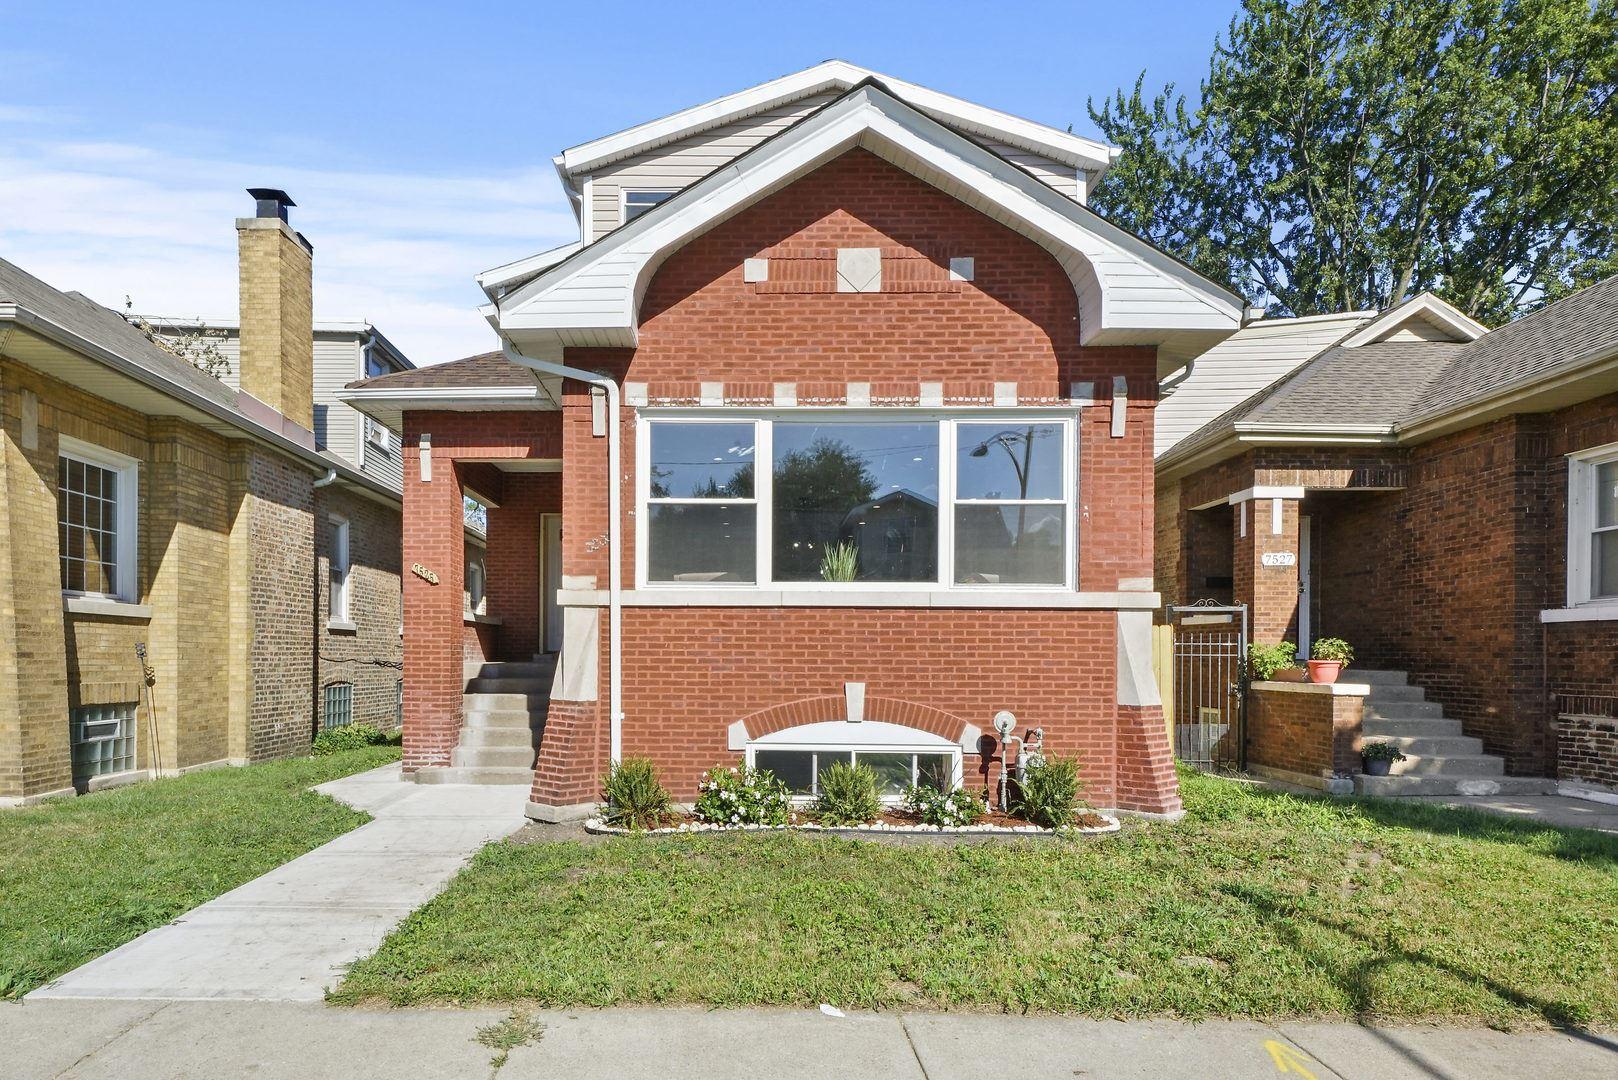 7525 S Luella Avenue, Chicago, IL 60619 - #: 10855184